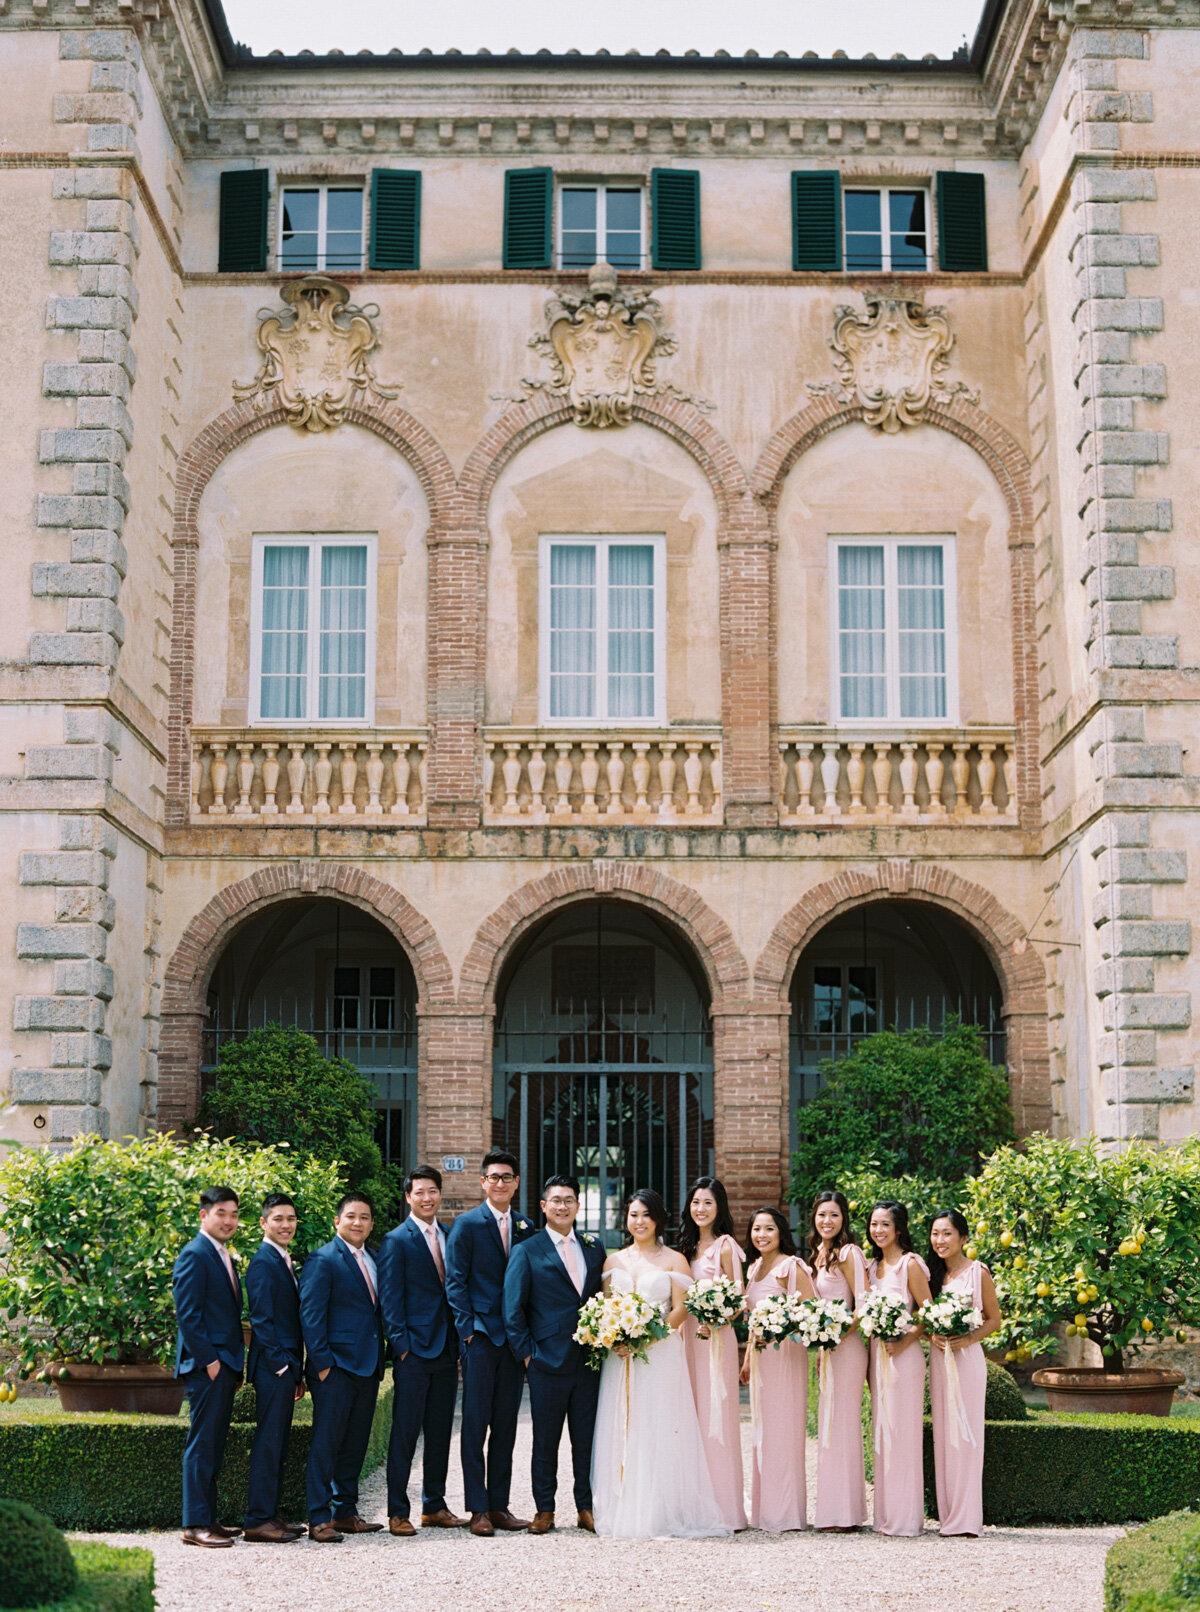 Villa-Cetinale-Tuscany-Katie-Grant-destination-wedding (46 of 115).jpg